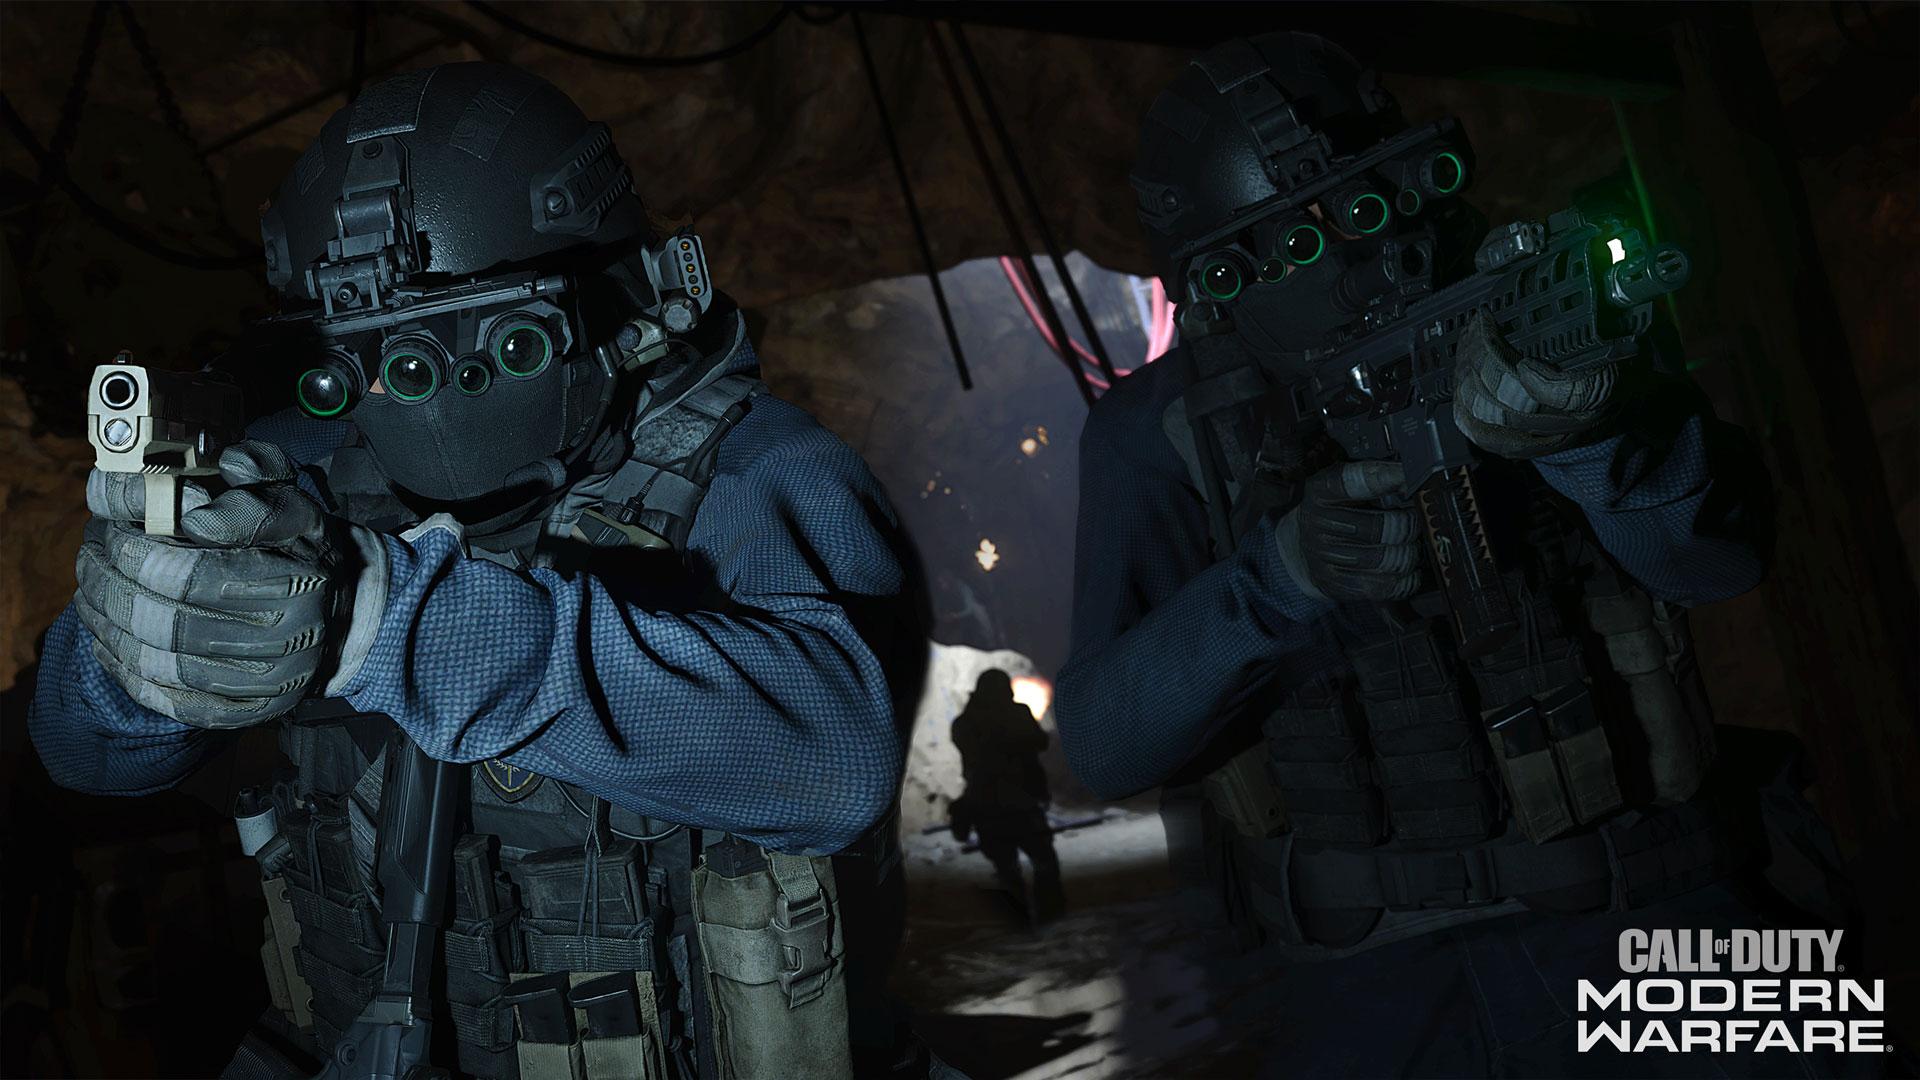 Baixe antecipadamente e prepare-se para jogar Call of Duty®: Modern Warfare®  — news.community.odin — Notícias da Blizzard